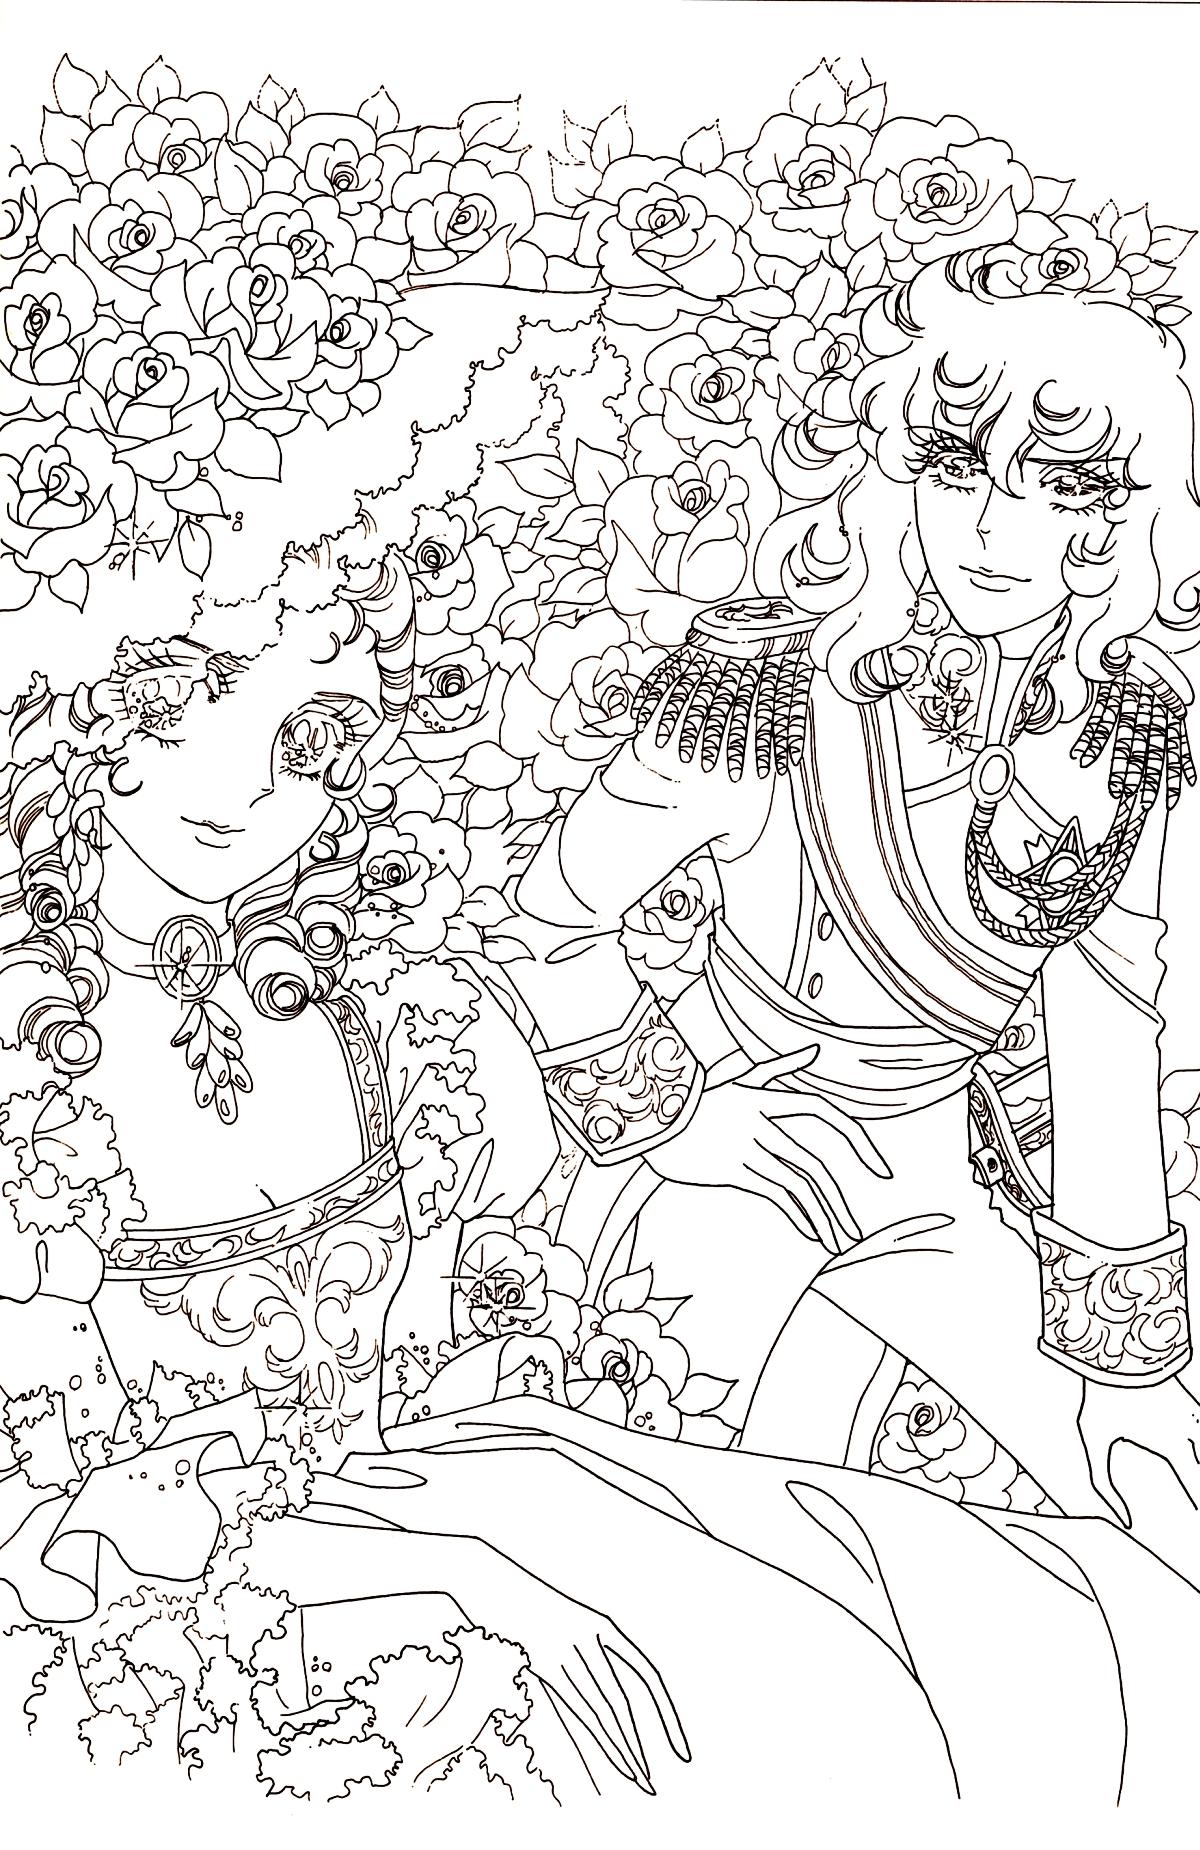 Immagini da colorare di lady oscar topmanga anime - Immagini di aquiloni per colorare ...